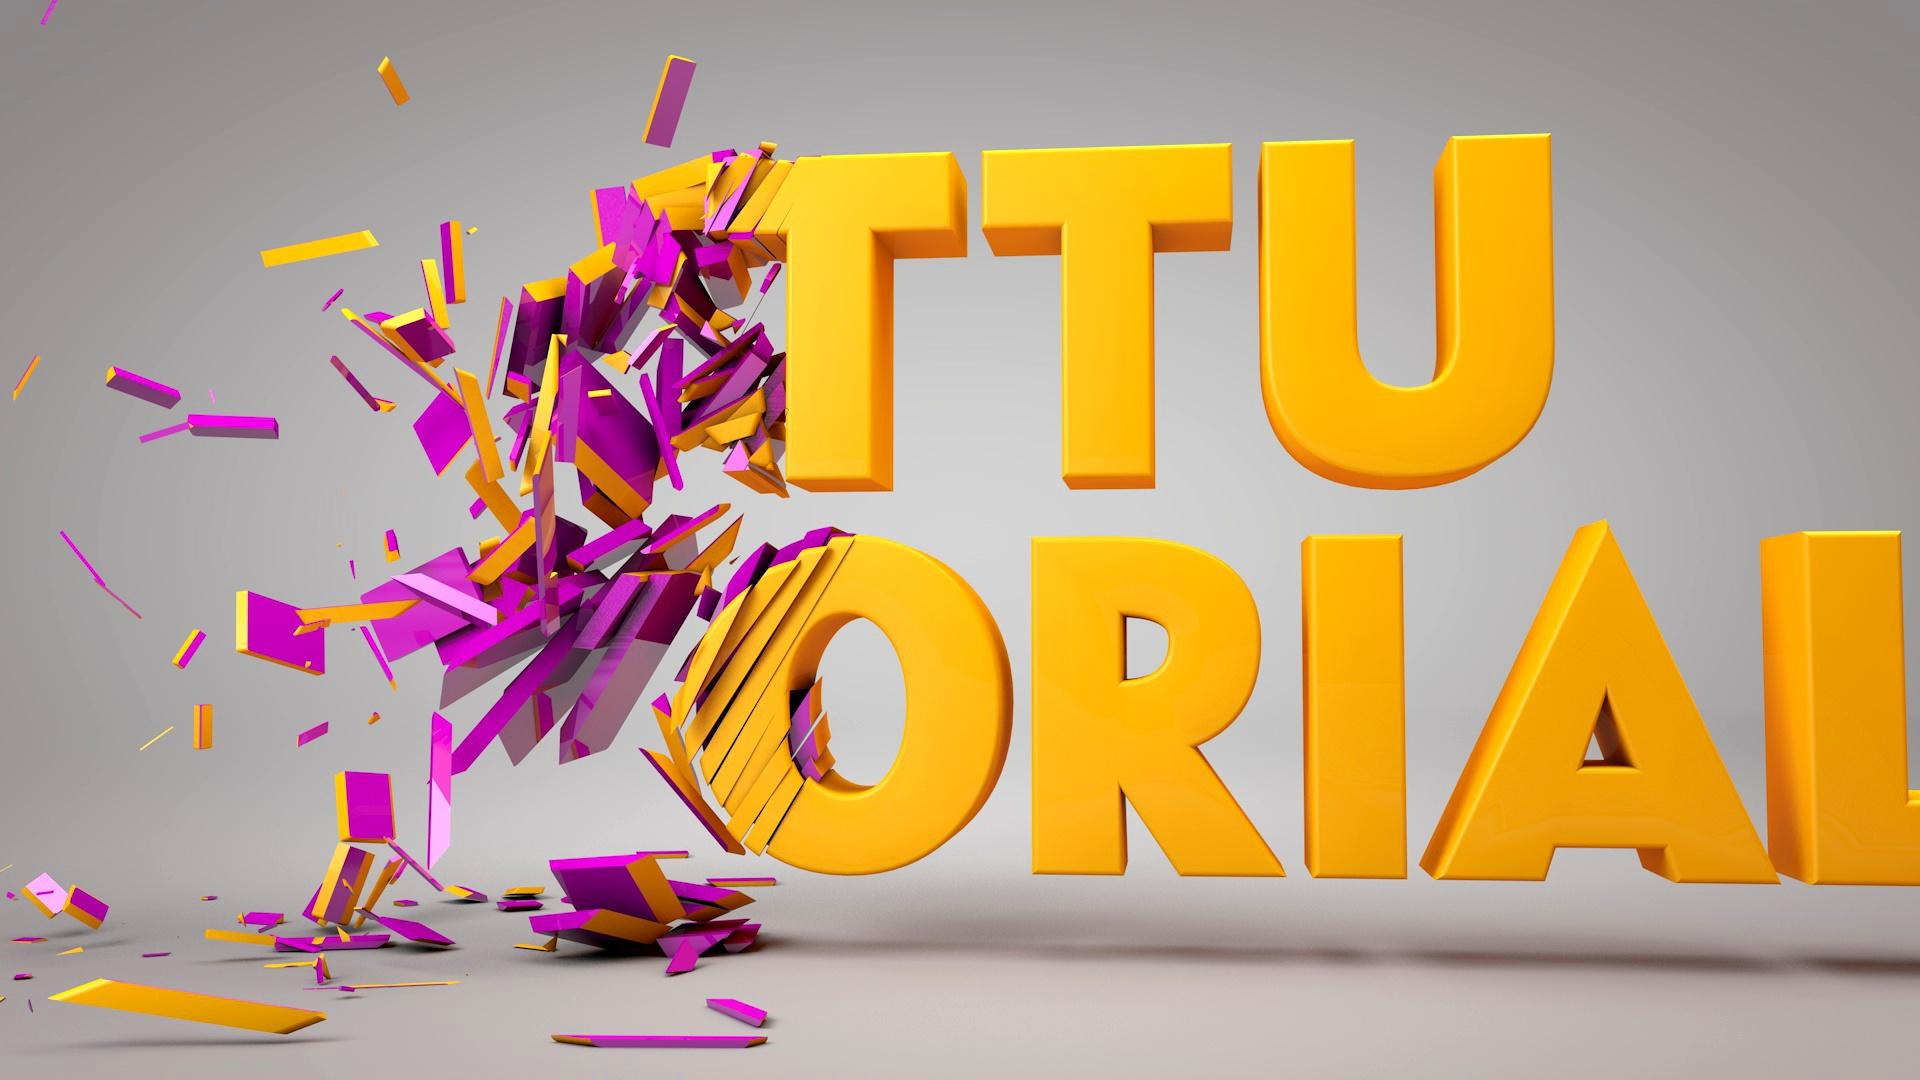 Cinema 4D Motion Graphics | C4D Voronoi Fracture Slices